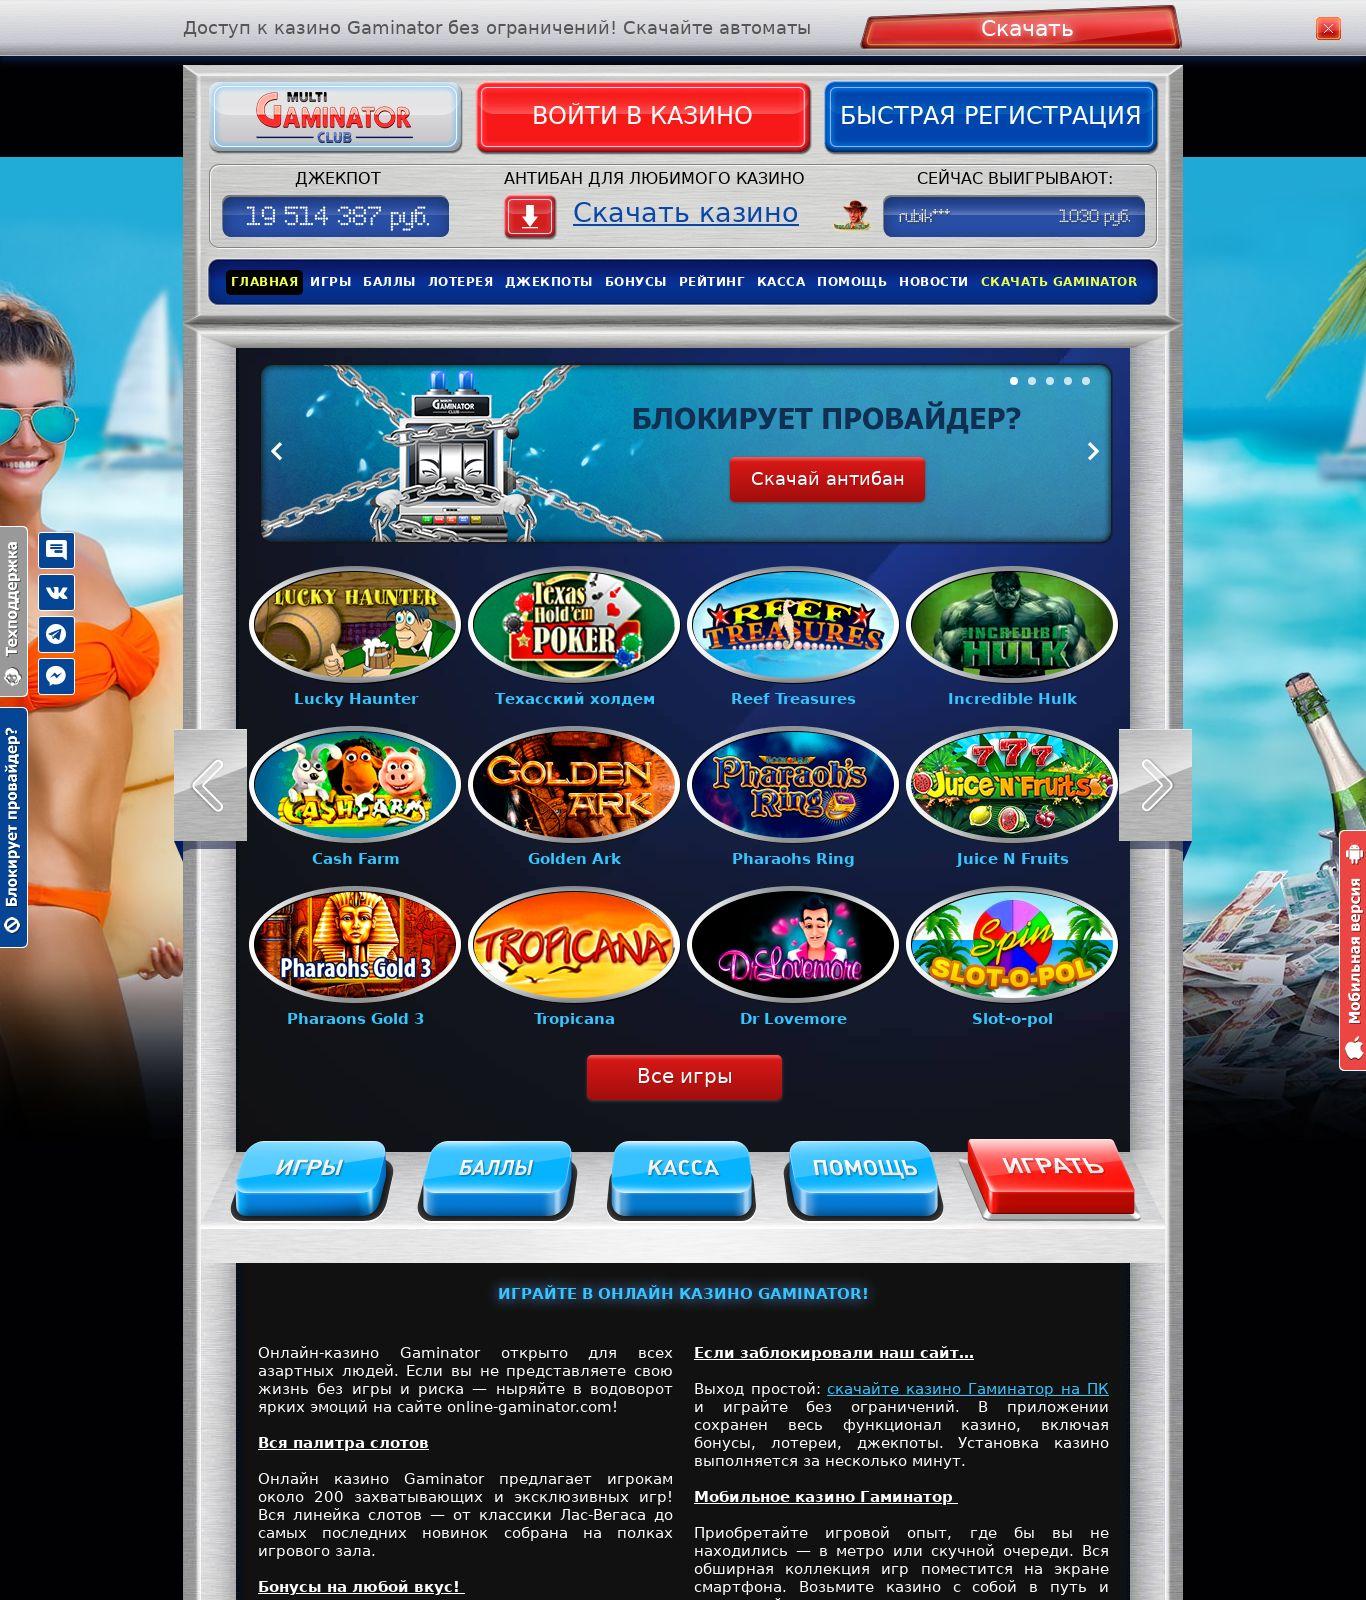 Gaminator для интернет казино пятница 13 казино